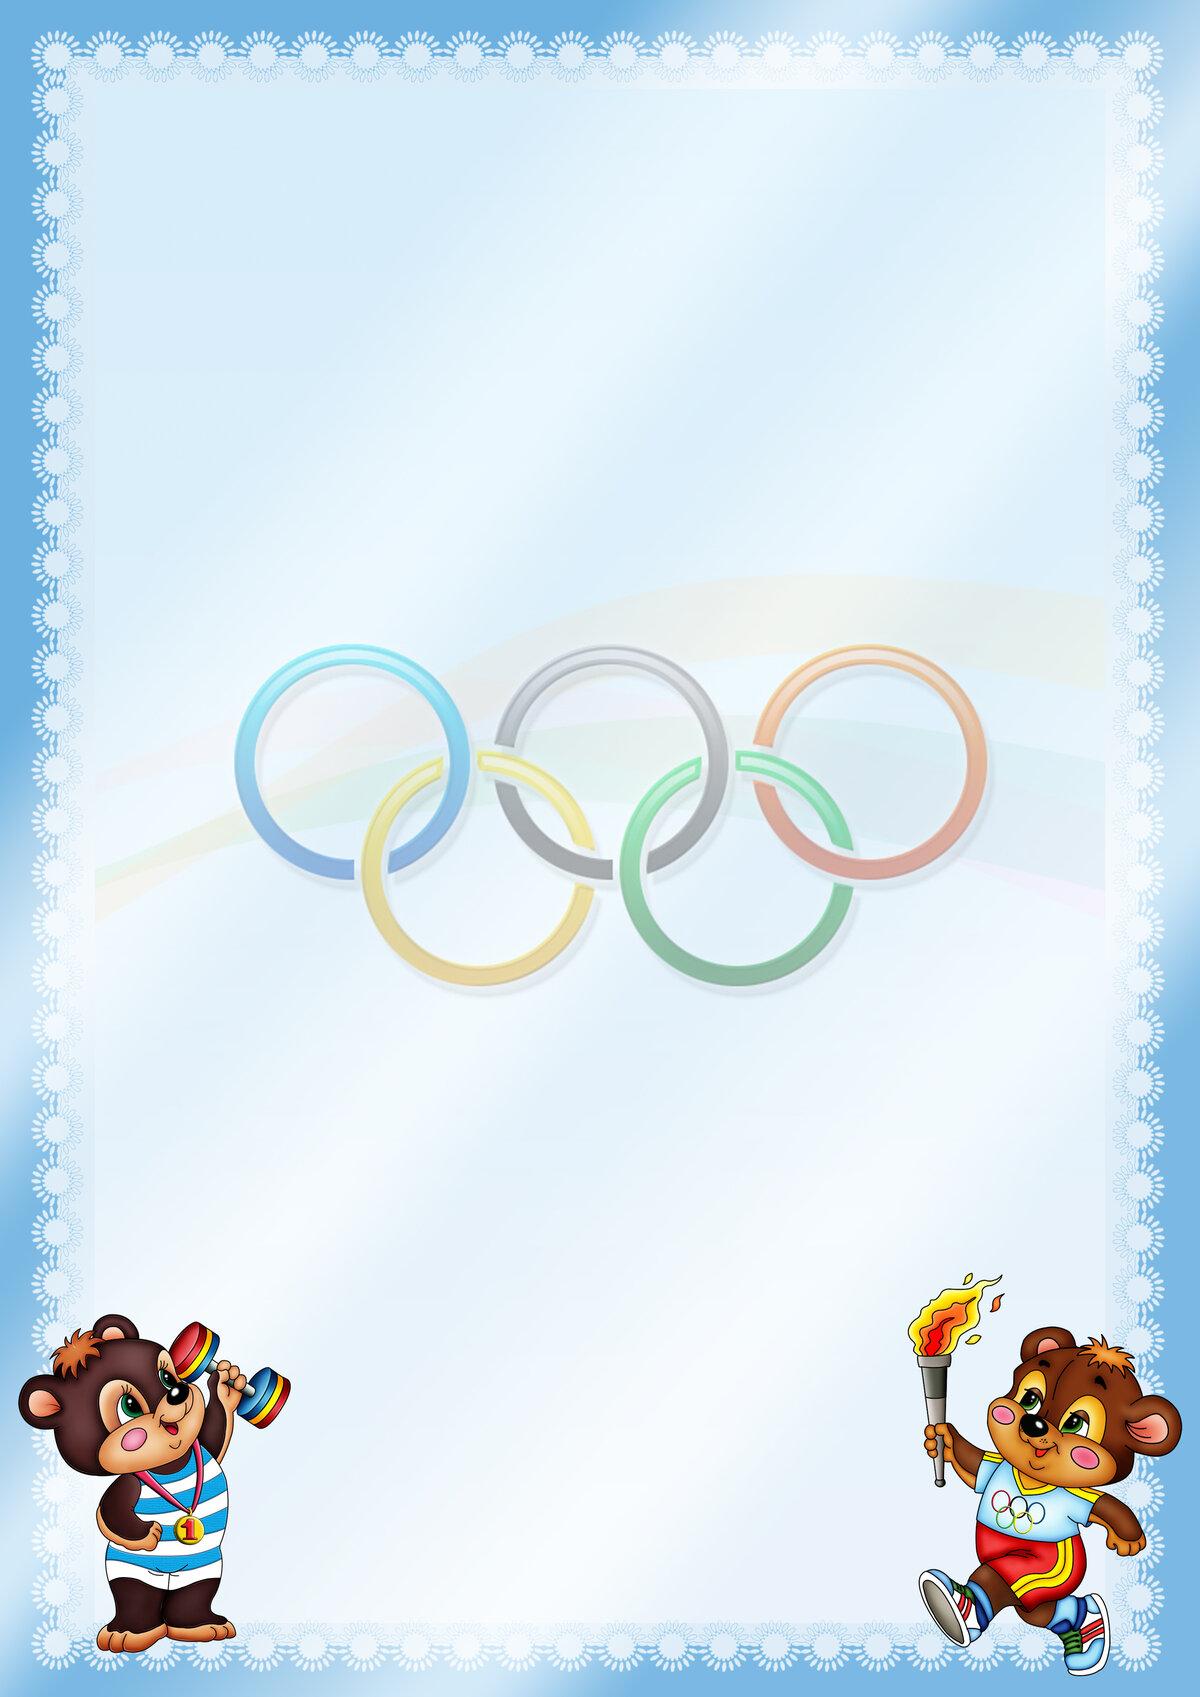 показываем чистые открытки спортивной тематики через секунды